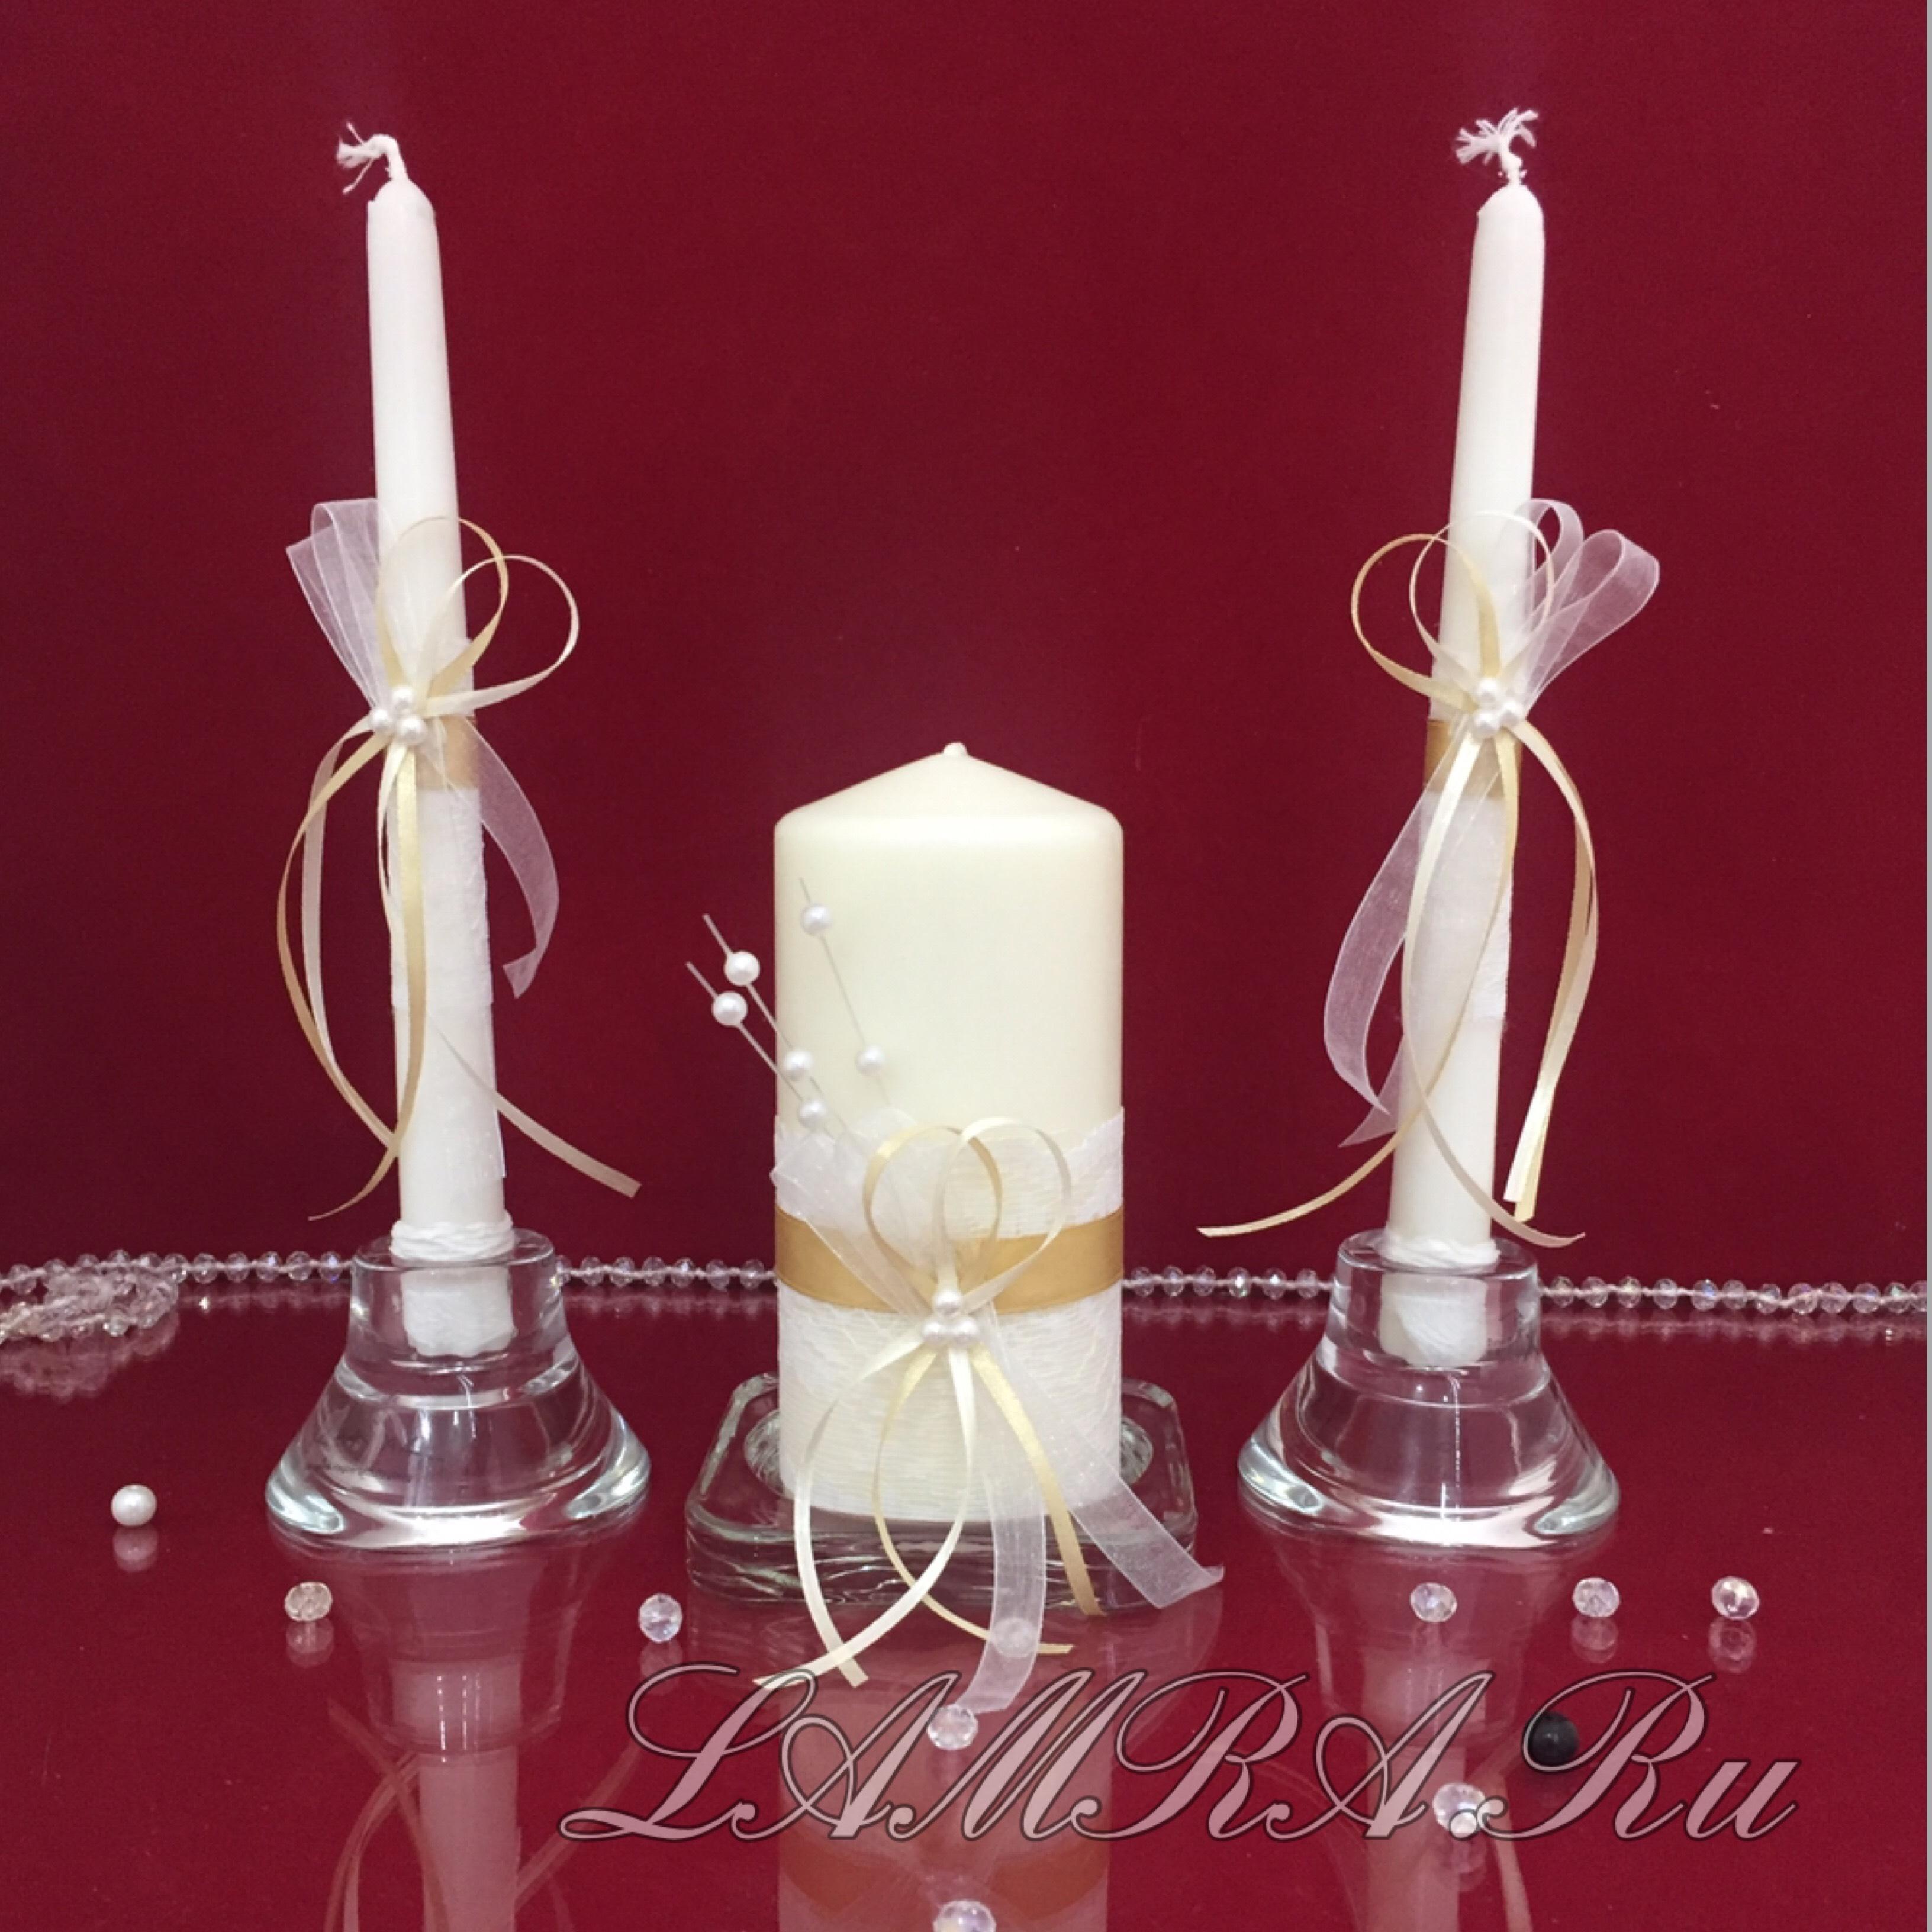 Украшение свечей на свадьбу своими руками: мастер-класс с фото 36